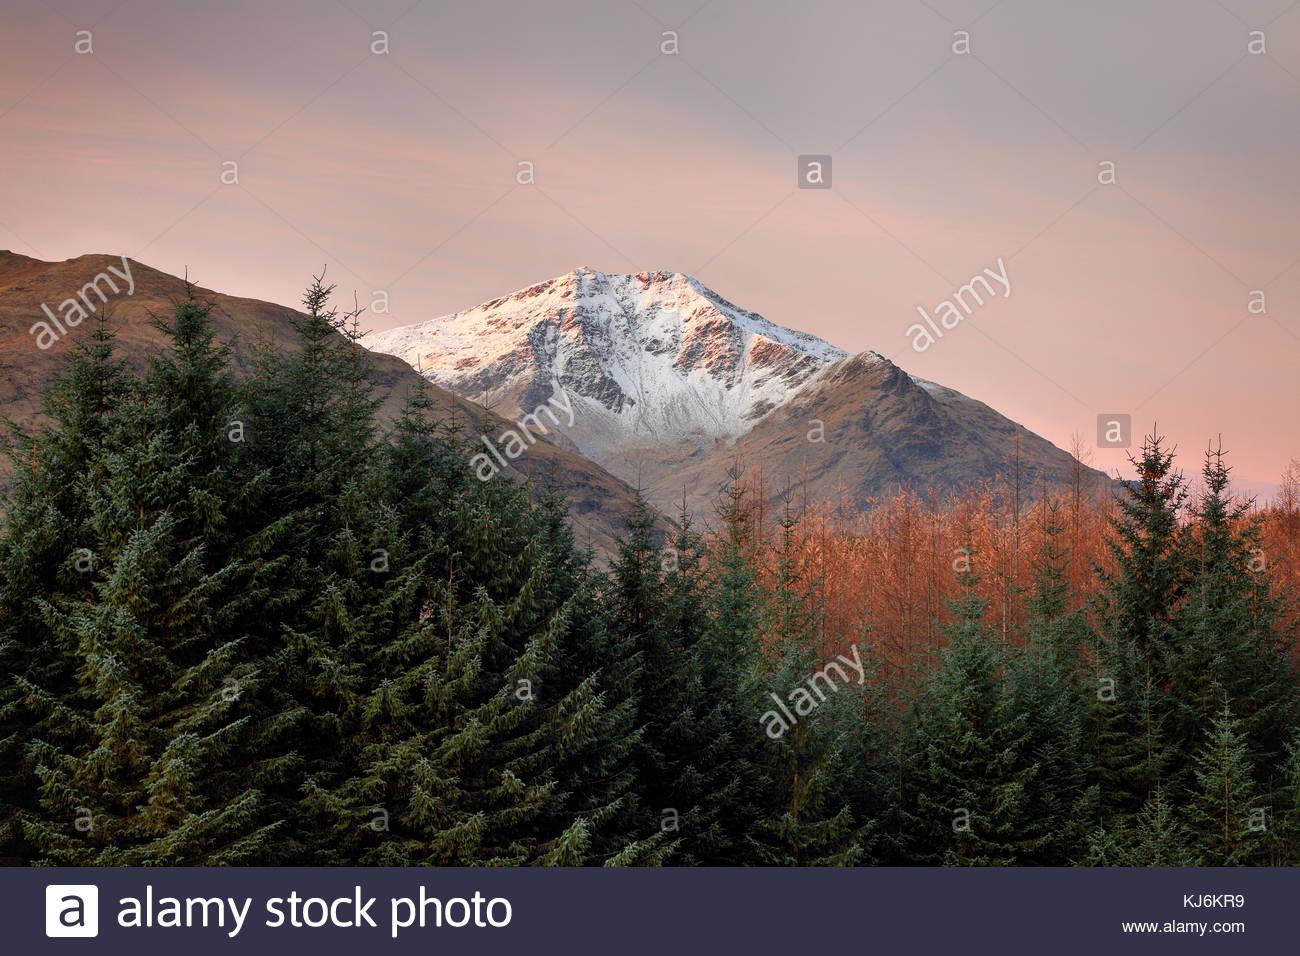 Los picos cubiertos de nieve de Ben Lui con árboles en primer plano durante un colorido Amanecer. Foto de stock